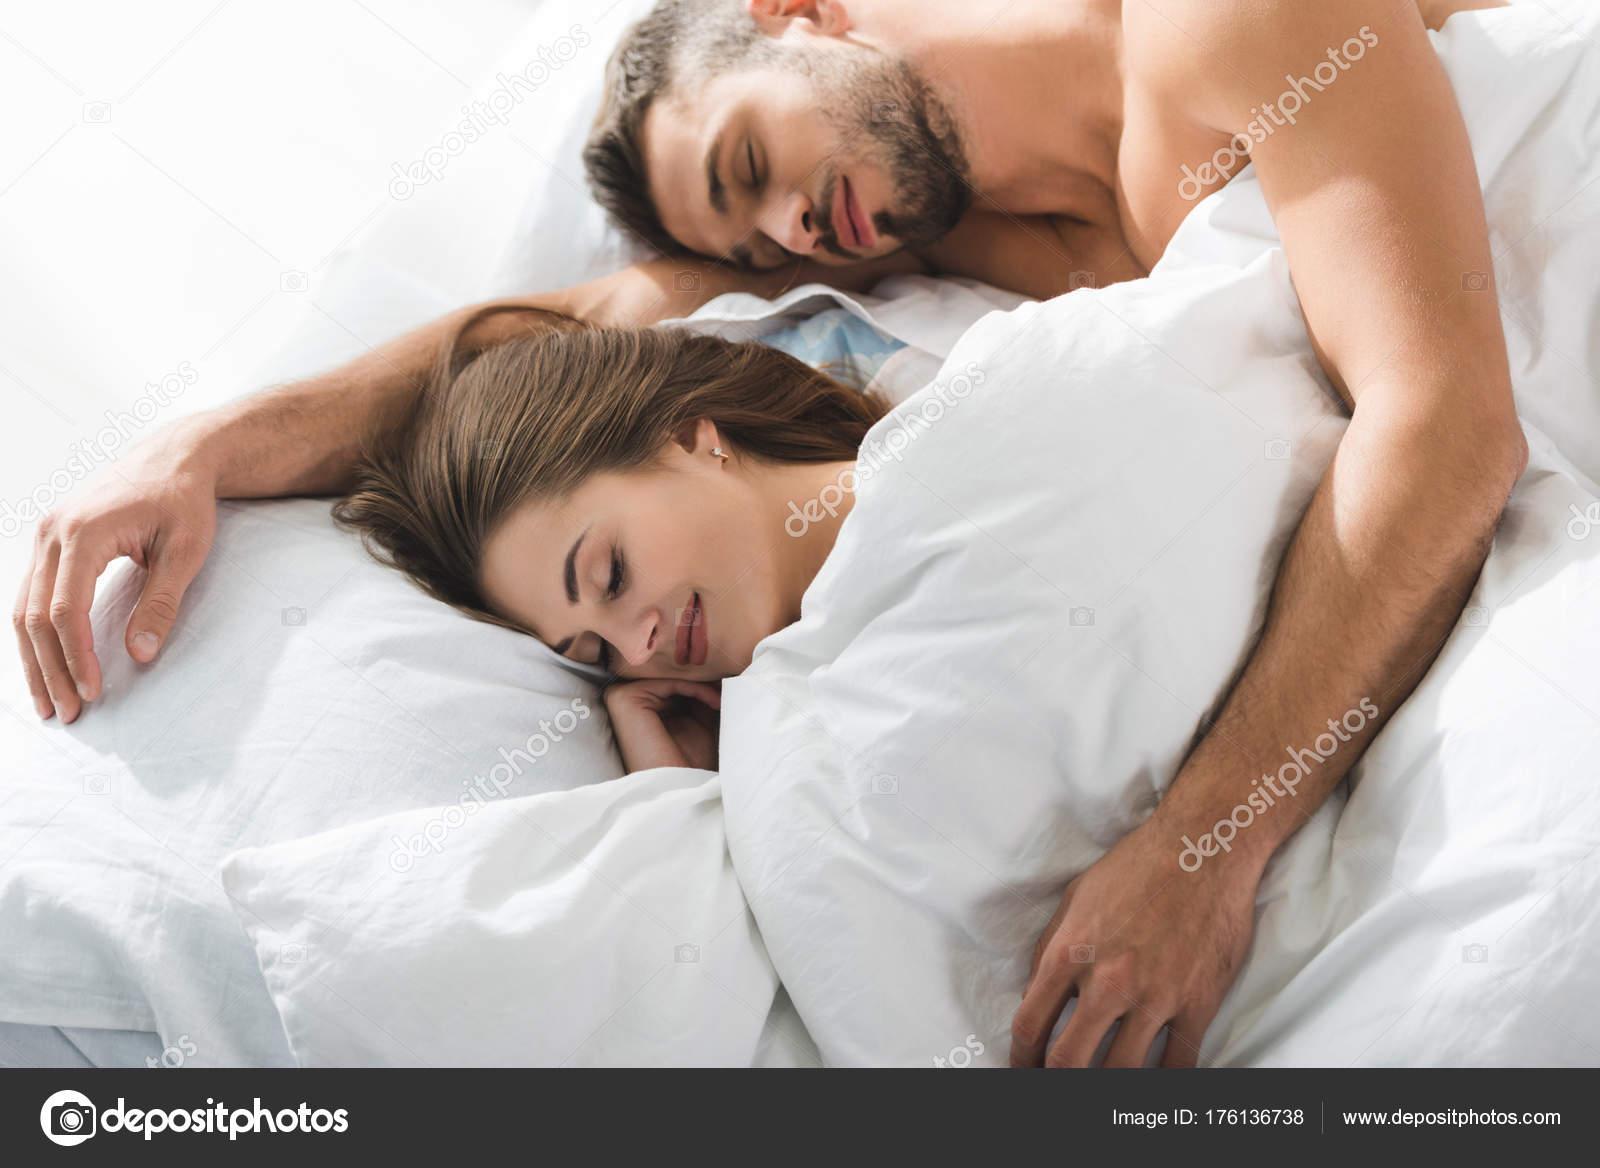 Секс пака ана спит, Русское порно спящих онлайн: смотреть секс со 32 фотография